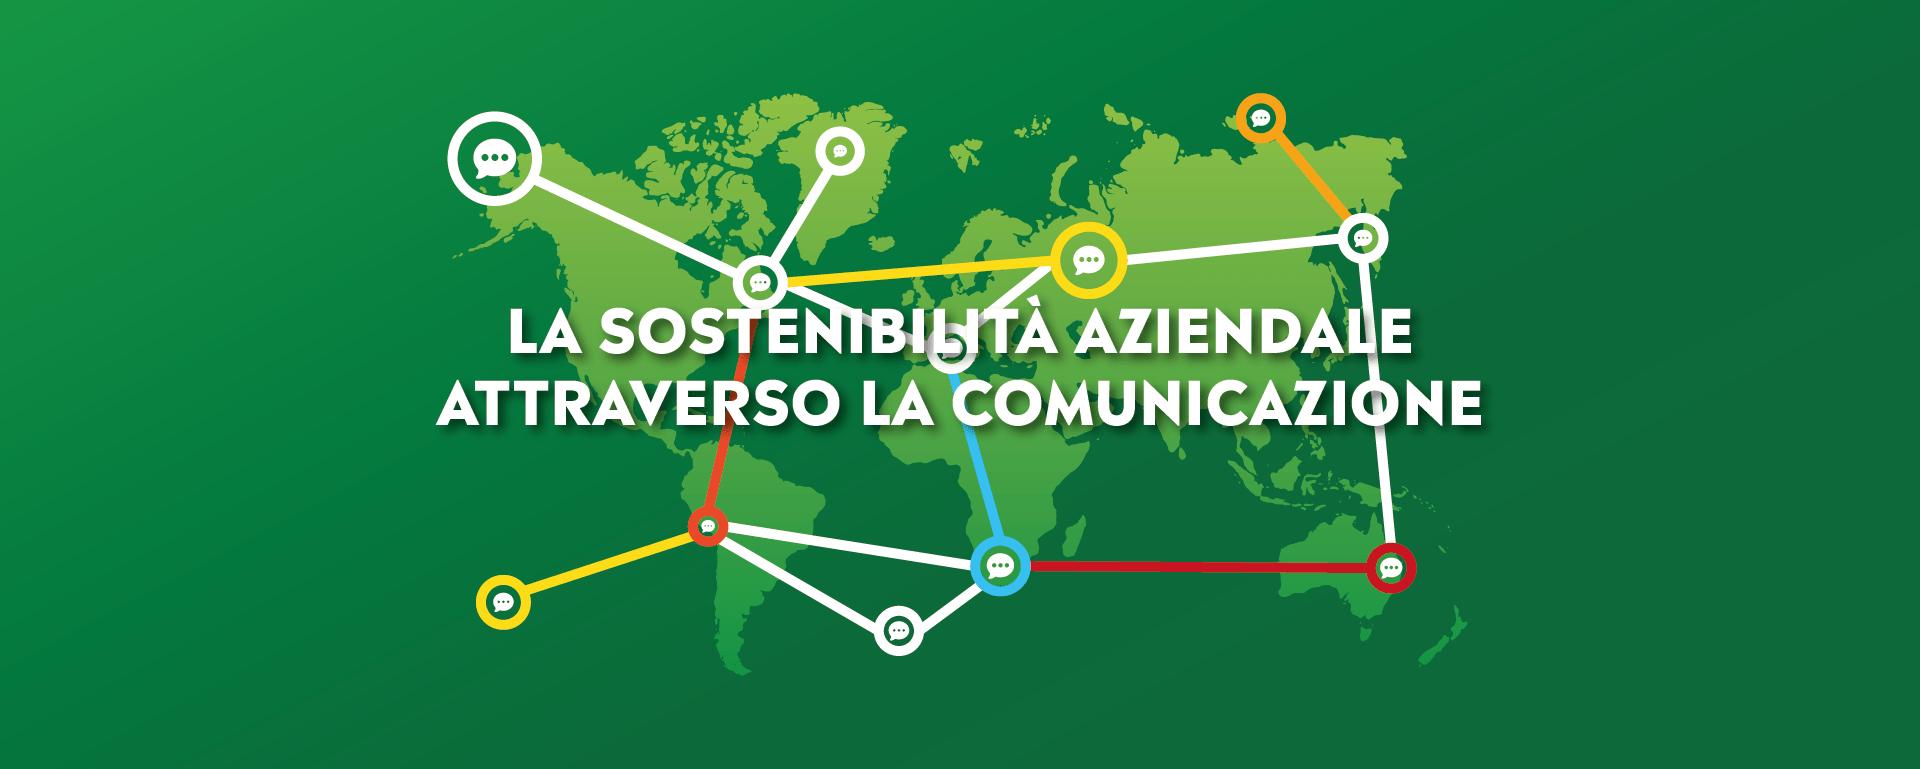 sostenibilità_mondo_comunicazione_sostenibile_IAA